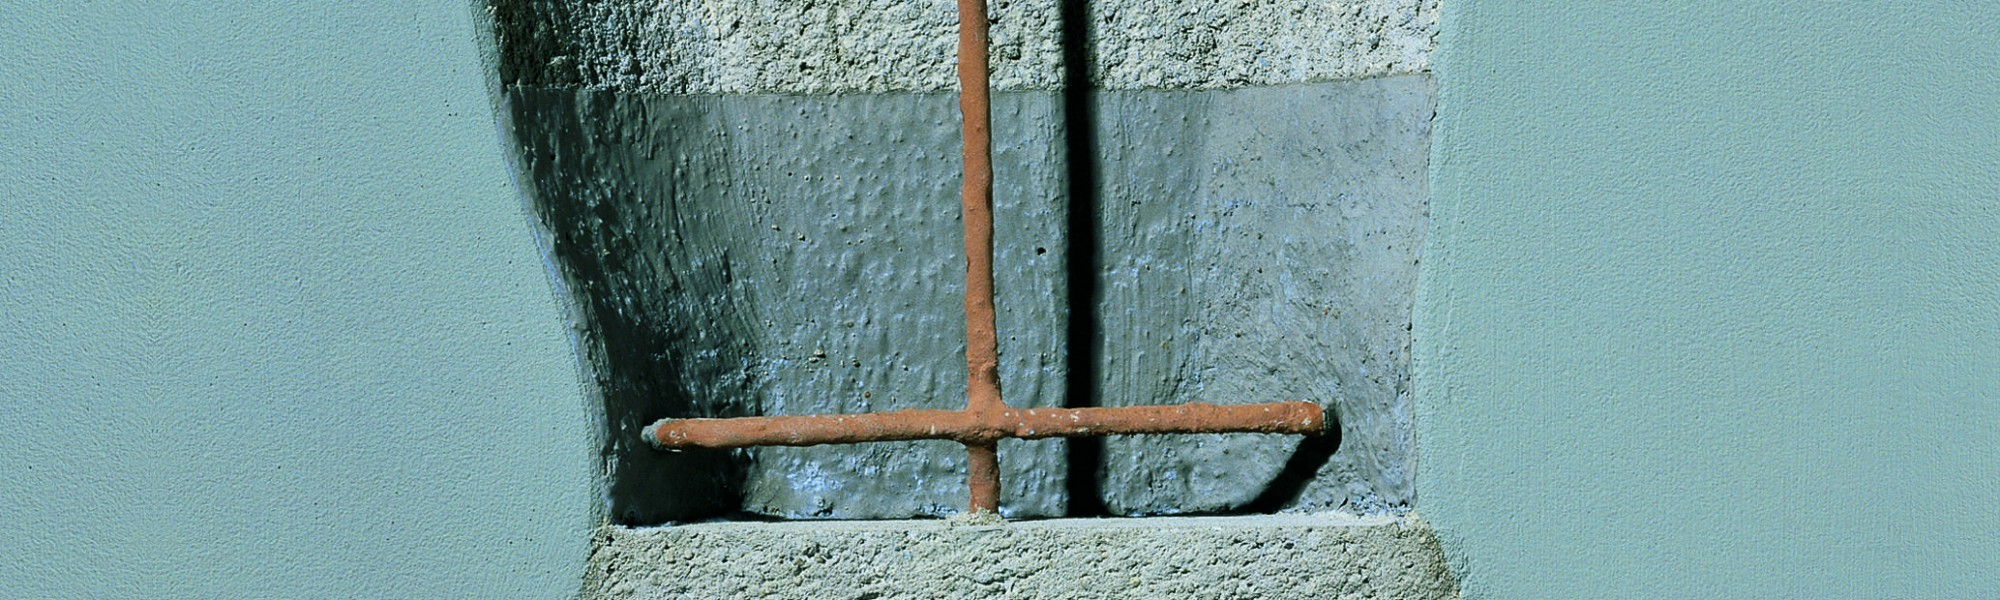 reparation des betons